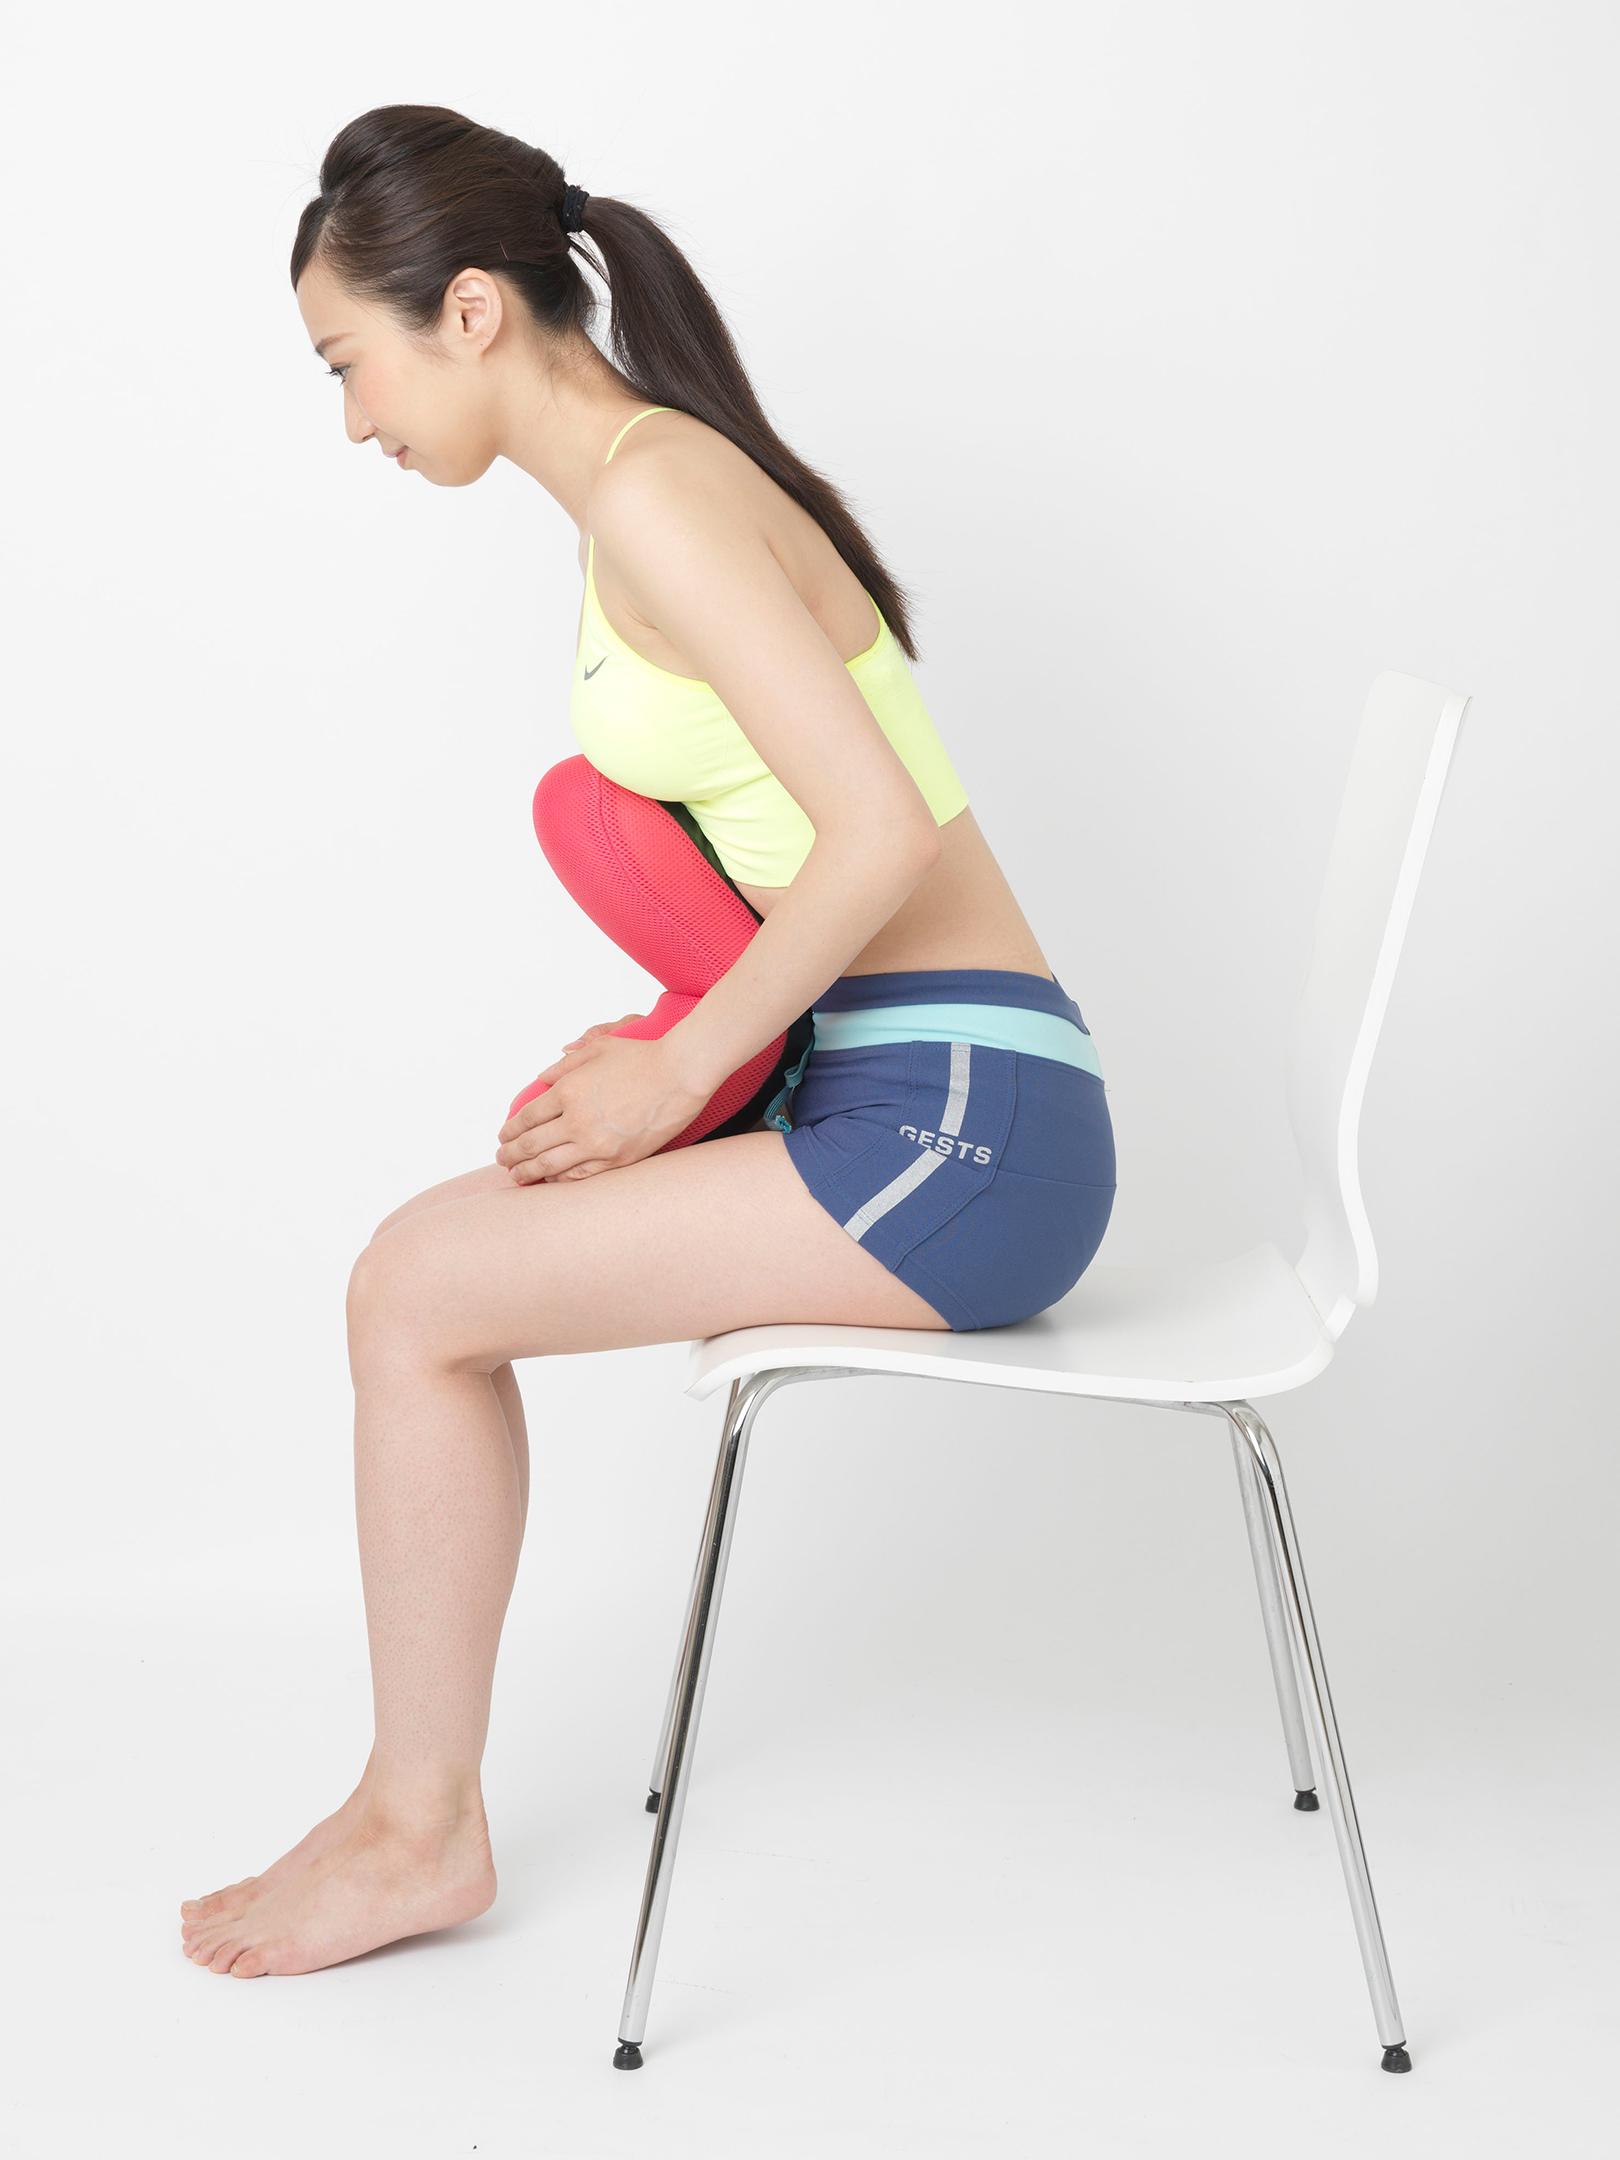 こちらは、太ももの上にクッションを置き、両手で持って胸でクッションを折り曲げるようにする「お腹」エクササイズ。クッションを曲げるのに、かなりの負荷を必要とする。